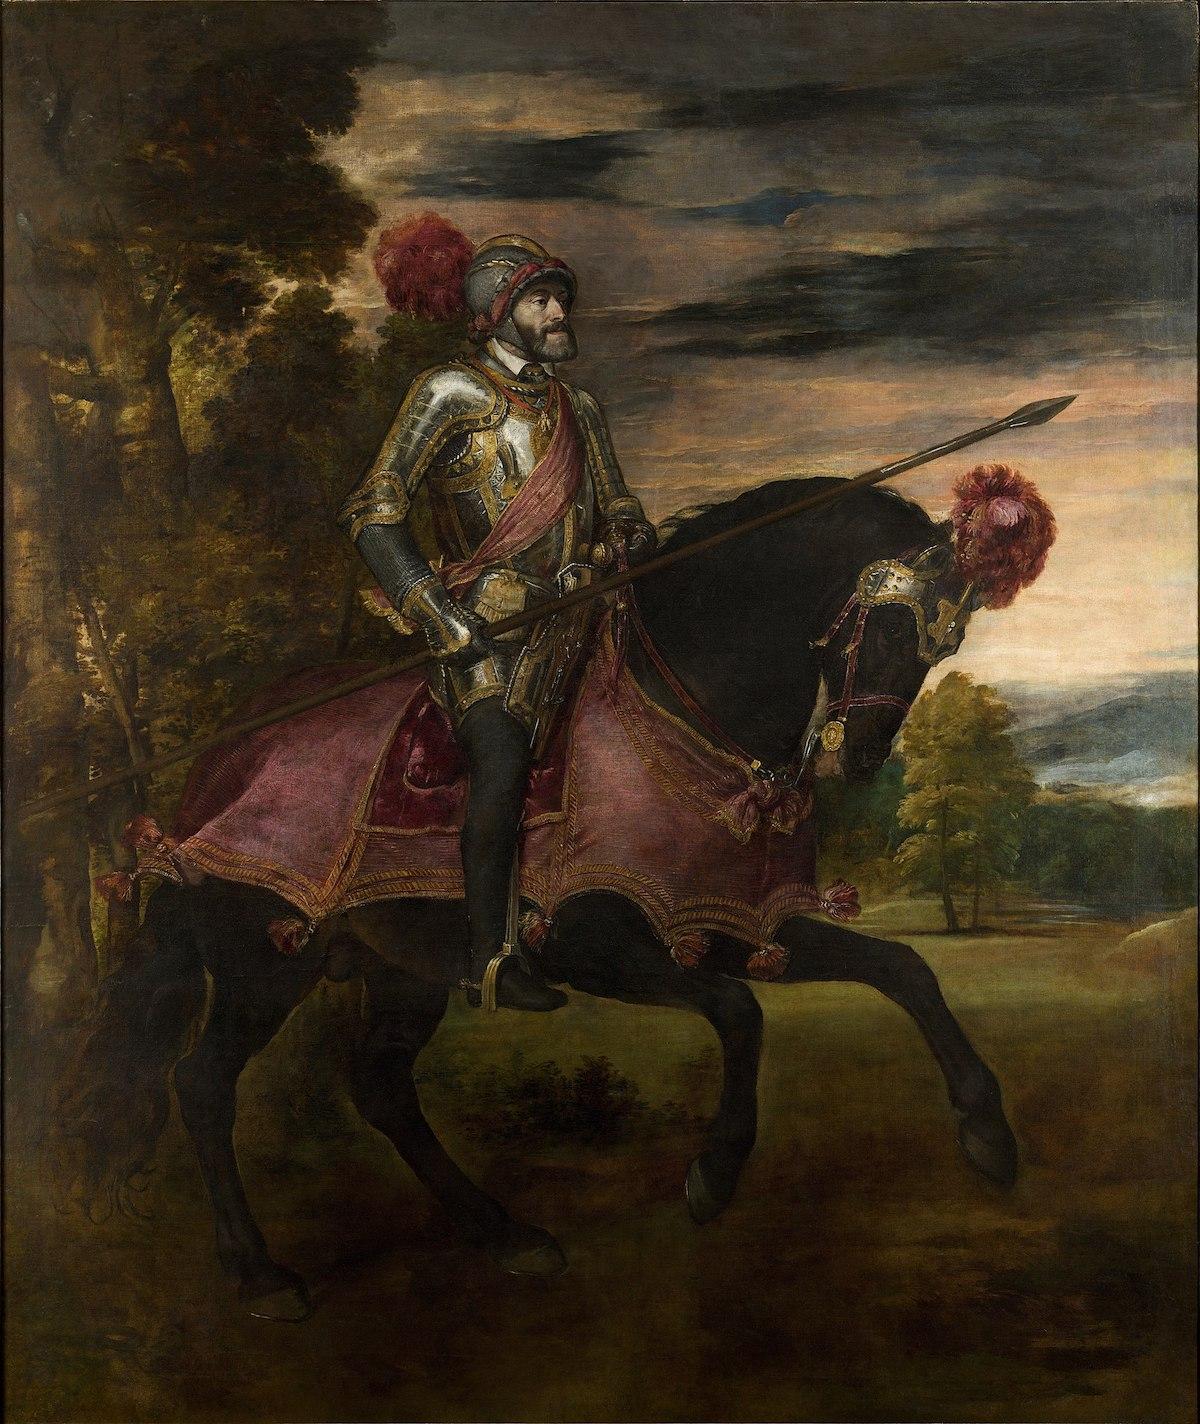 Pintura al óleo sobre lienzo que representa a un rey con armadura a caballo.